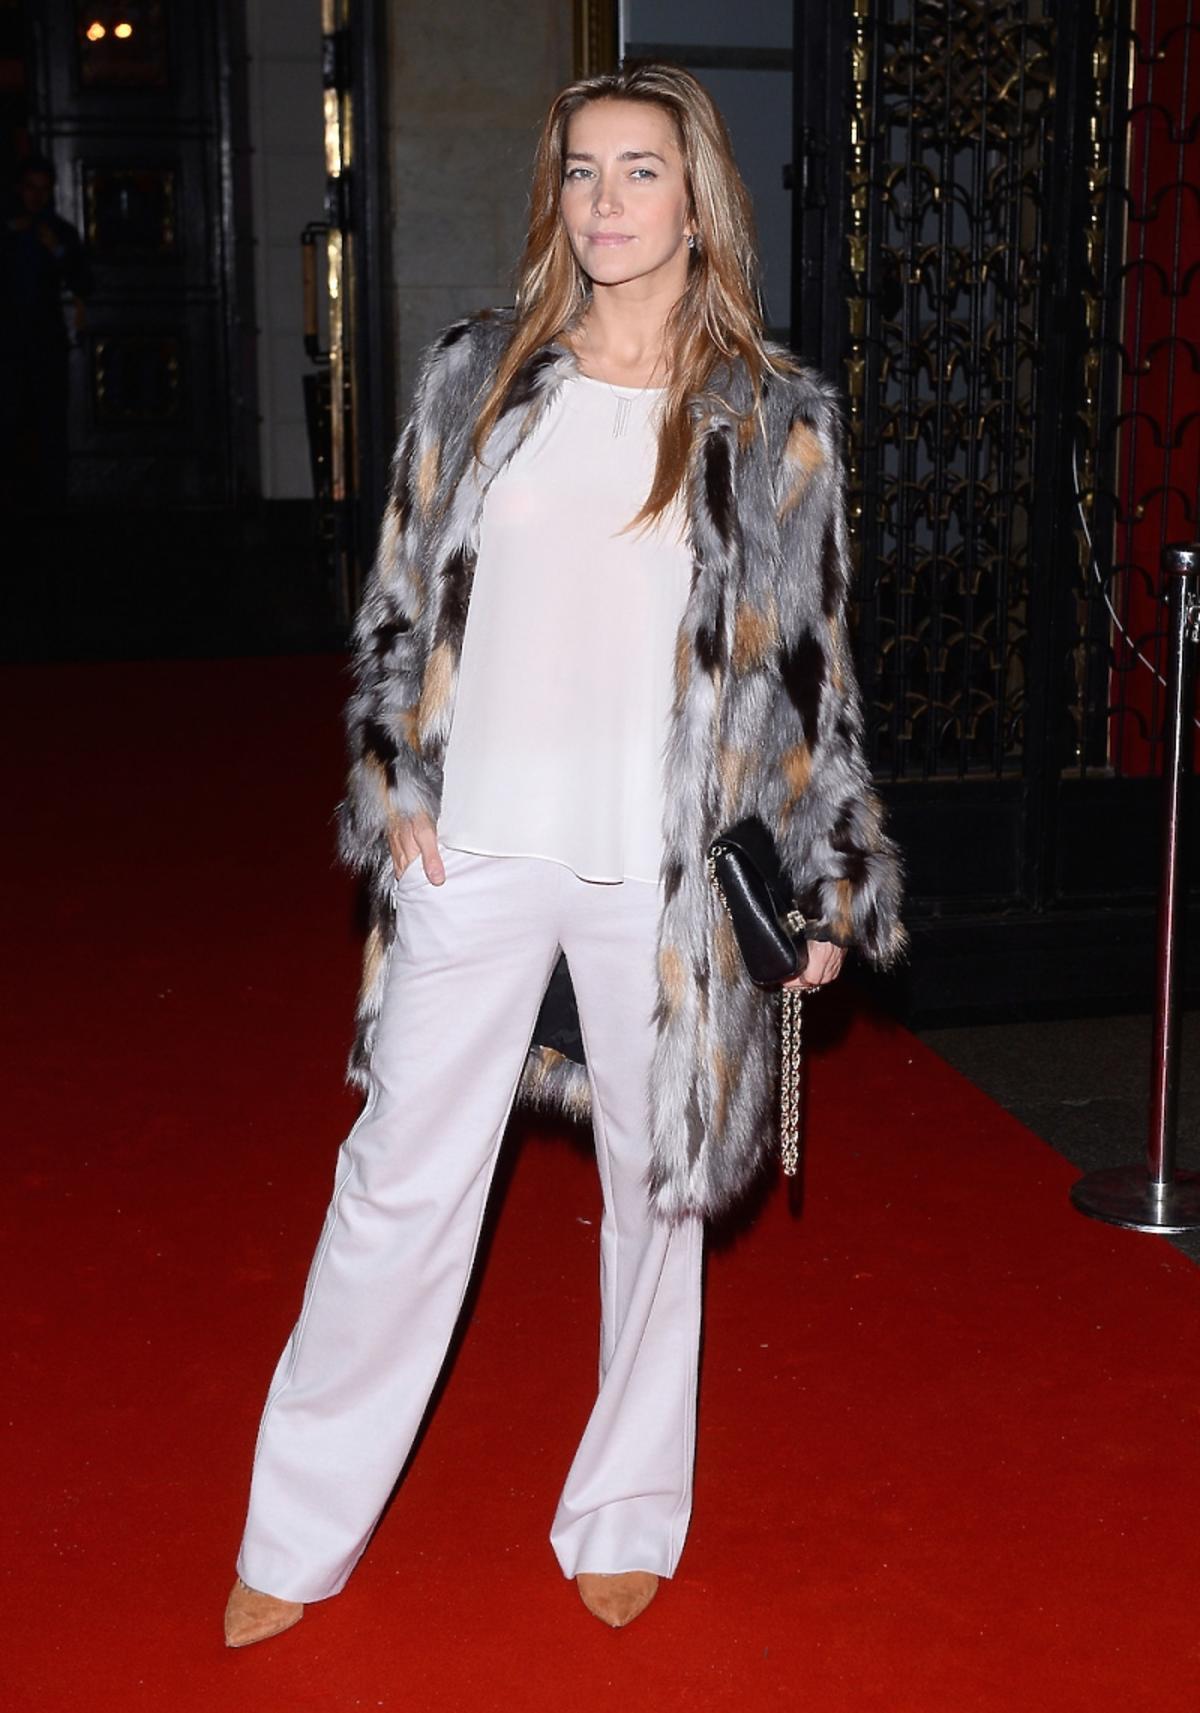 Kamilla Baar w białych spodniach, topie i kolorowym futerku z czarną toerbką na łańcuszku i  szpilki w kolorze naturalnej skóry